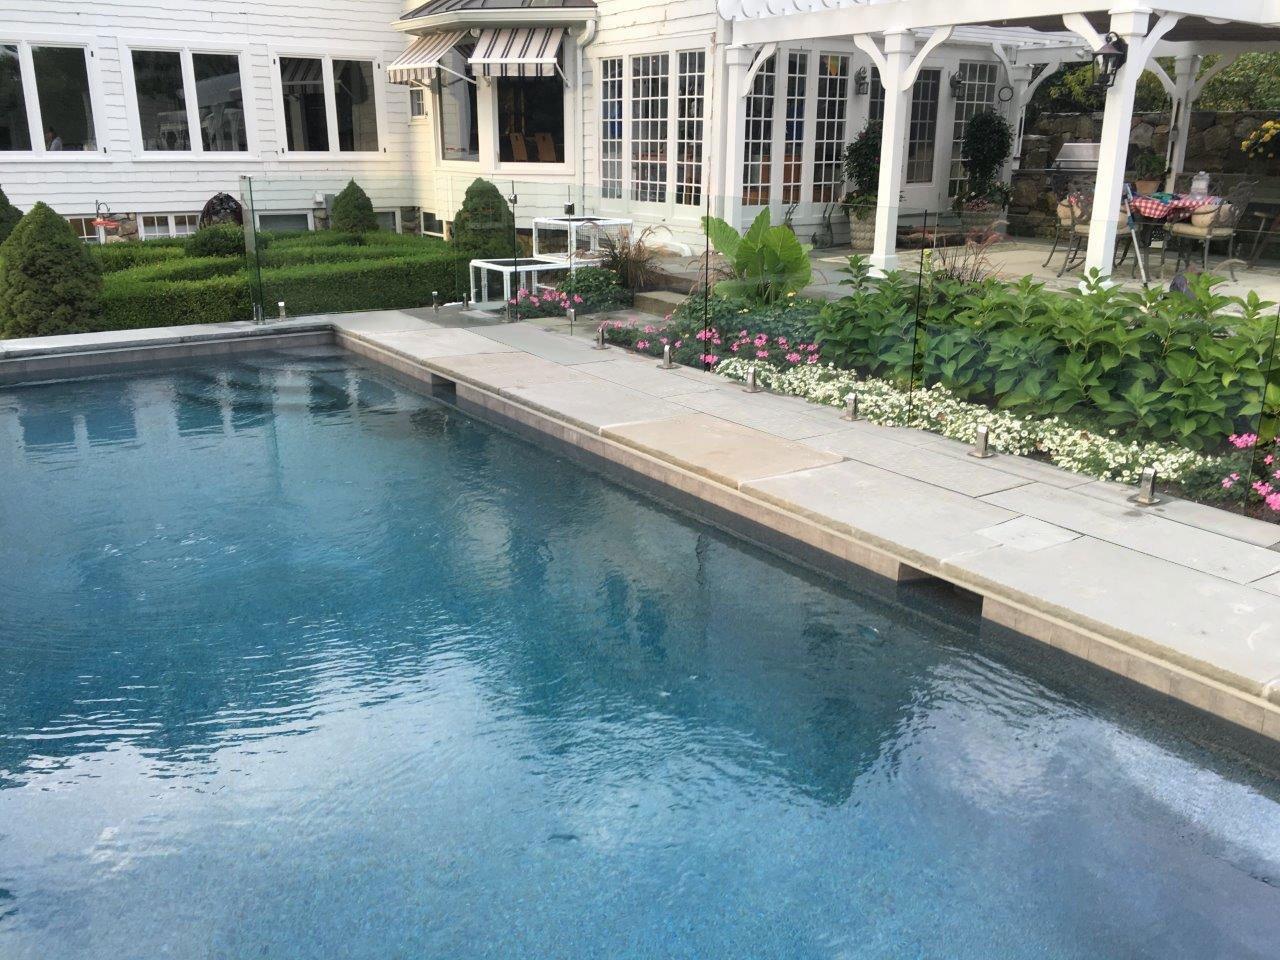 Pool Stamped Concrete Contractor Darien, Westport, New Canaan, CT